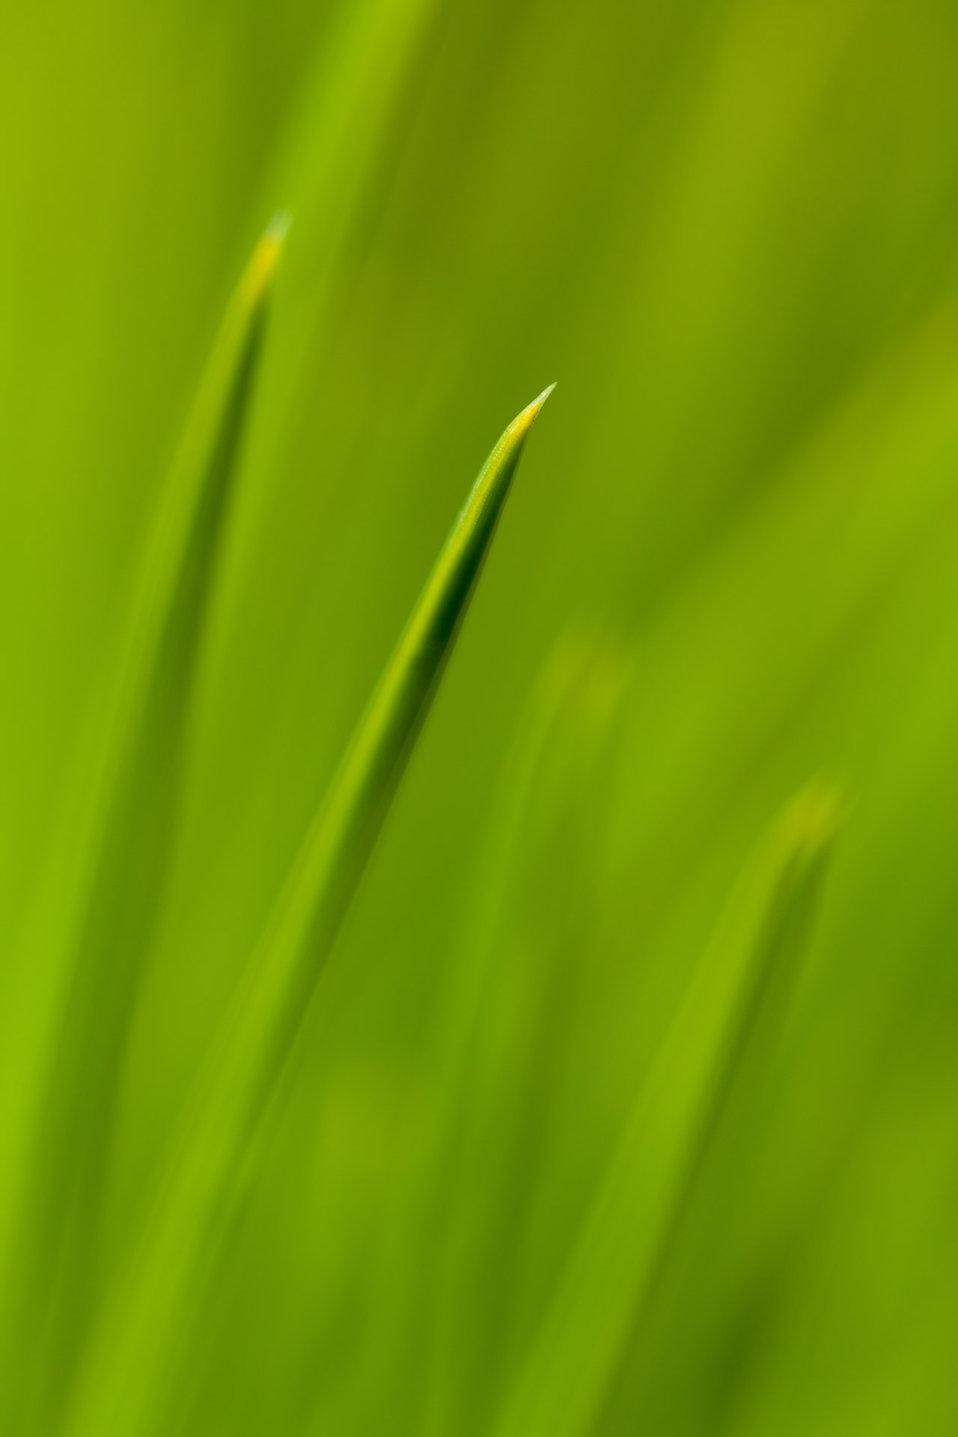 Macro pine needles